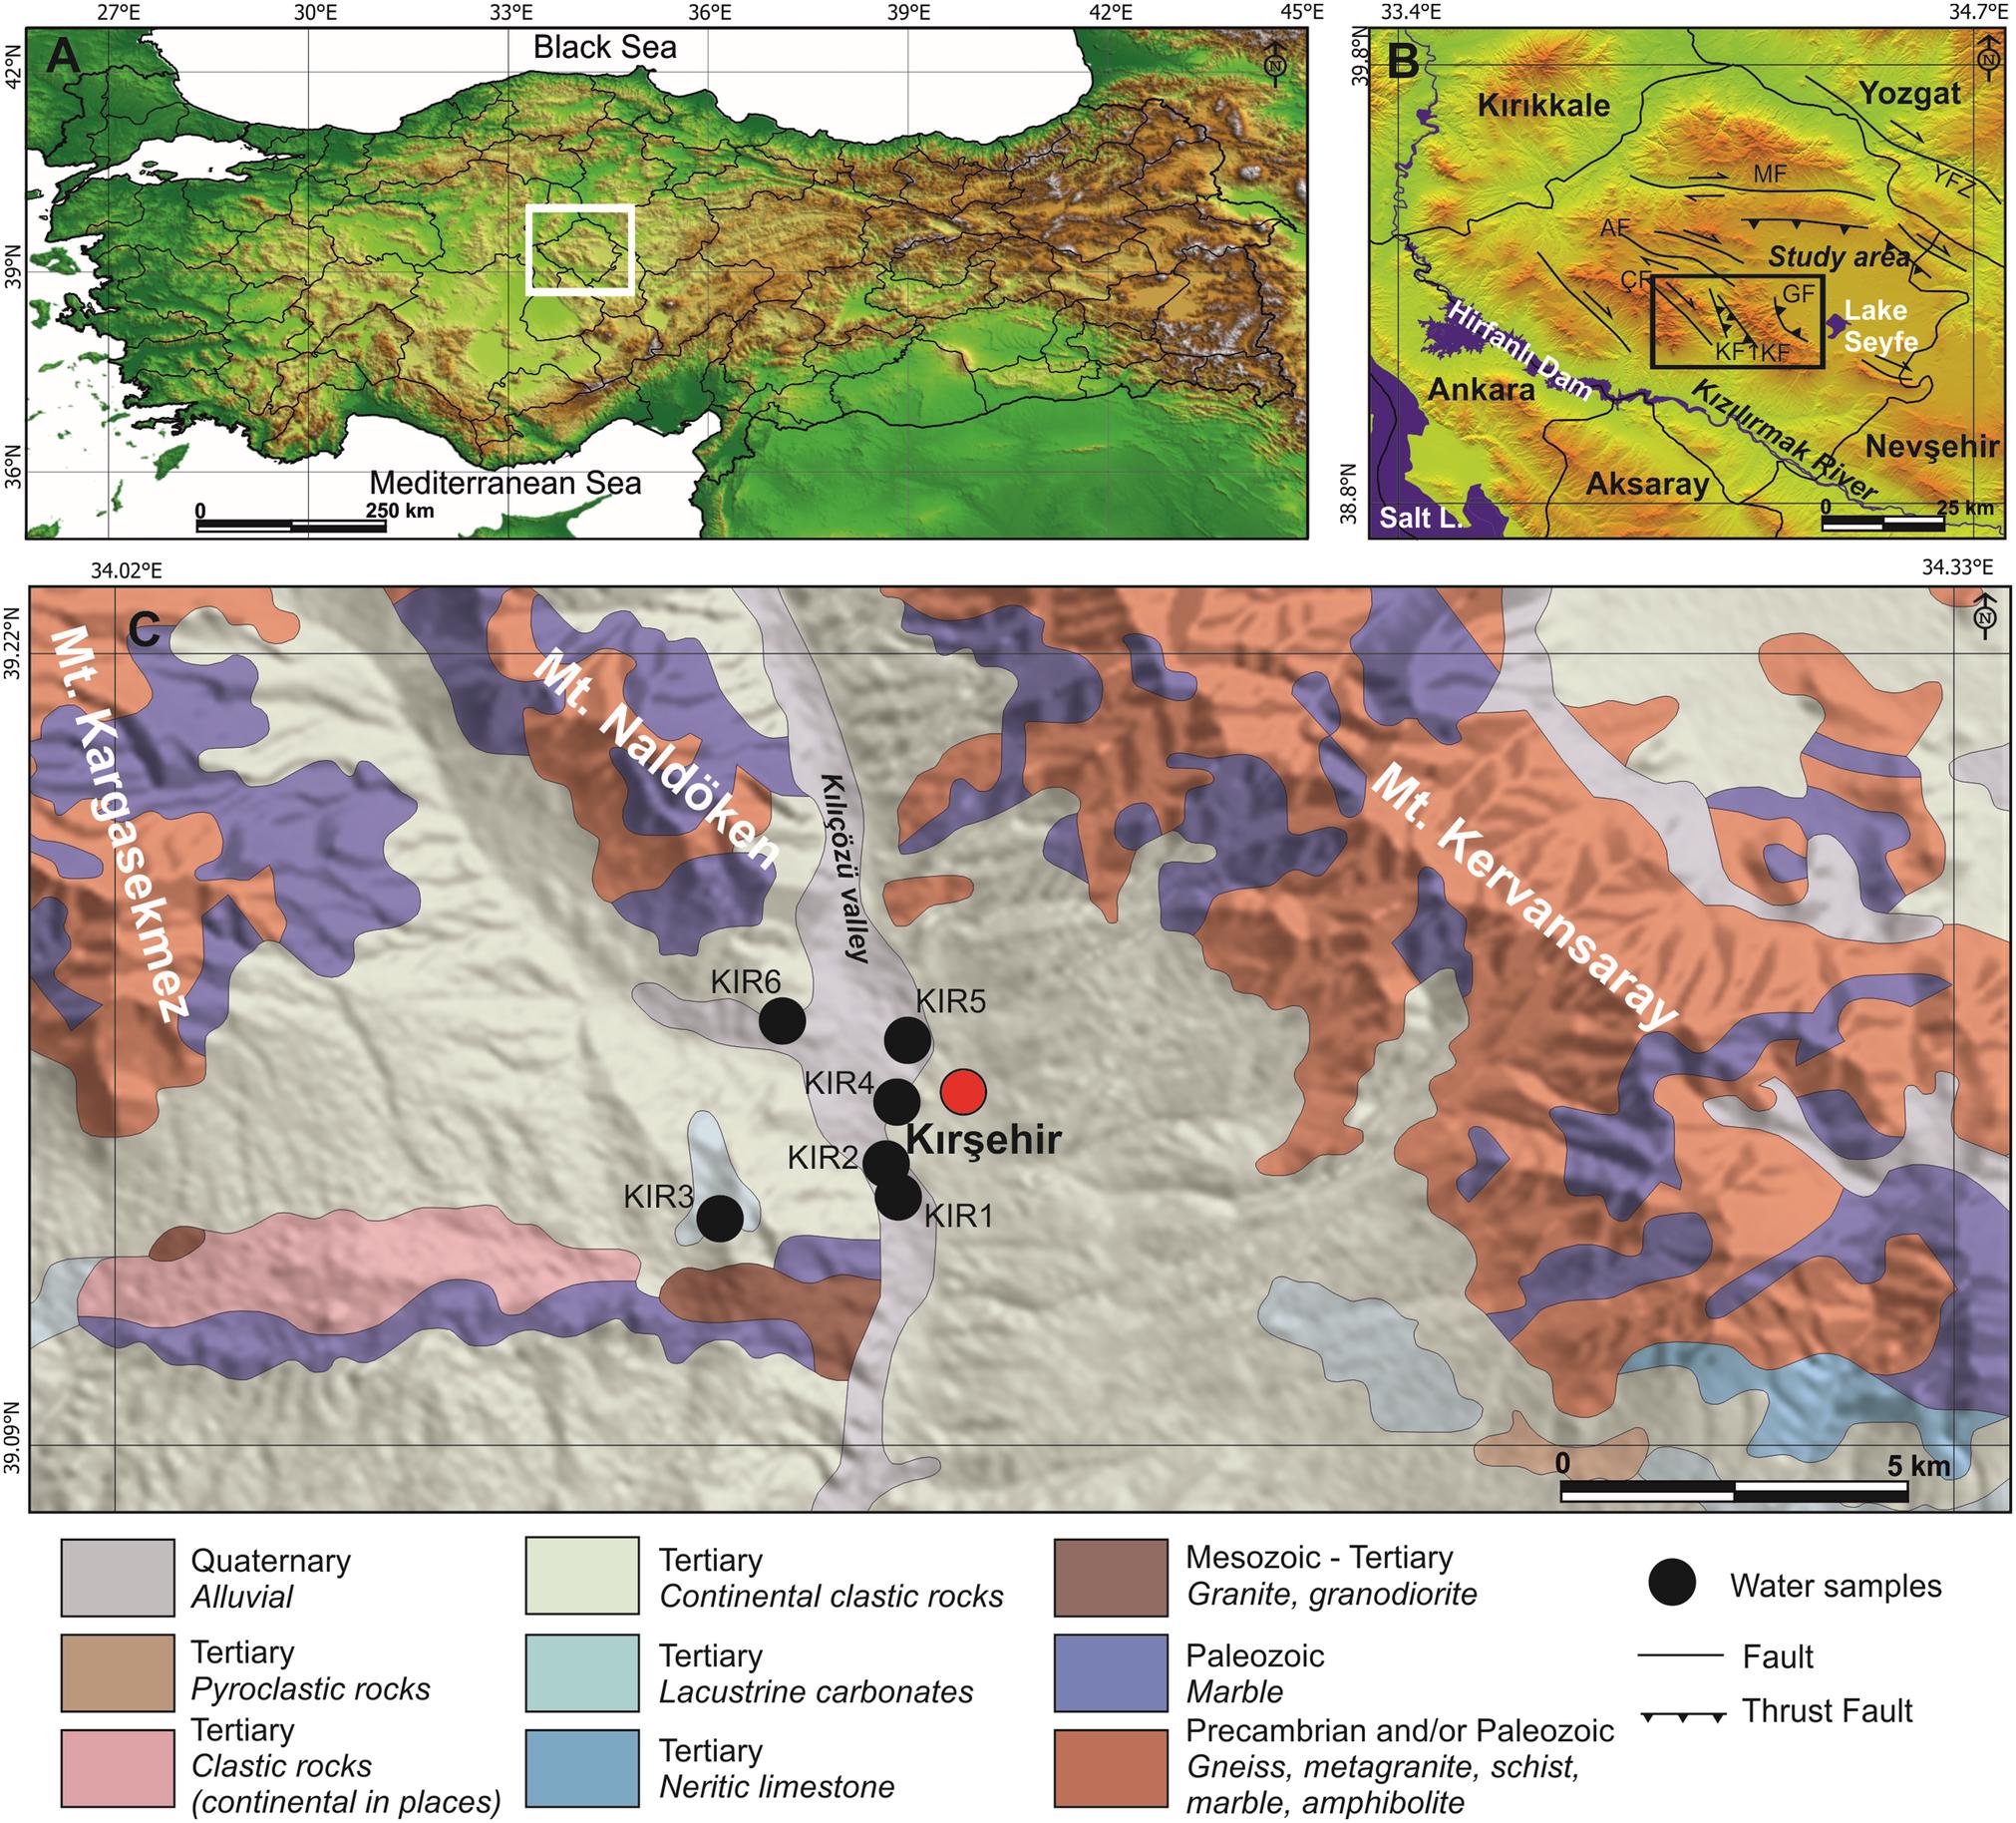 A new approach to Kırşehir (Turkey) geothermal waters using REY